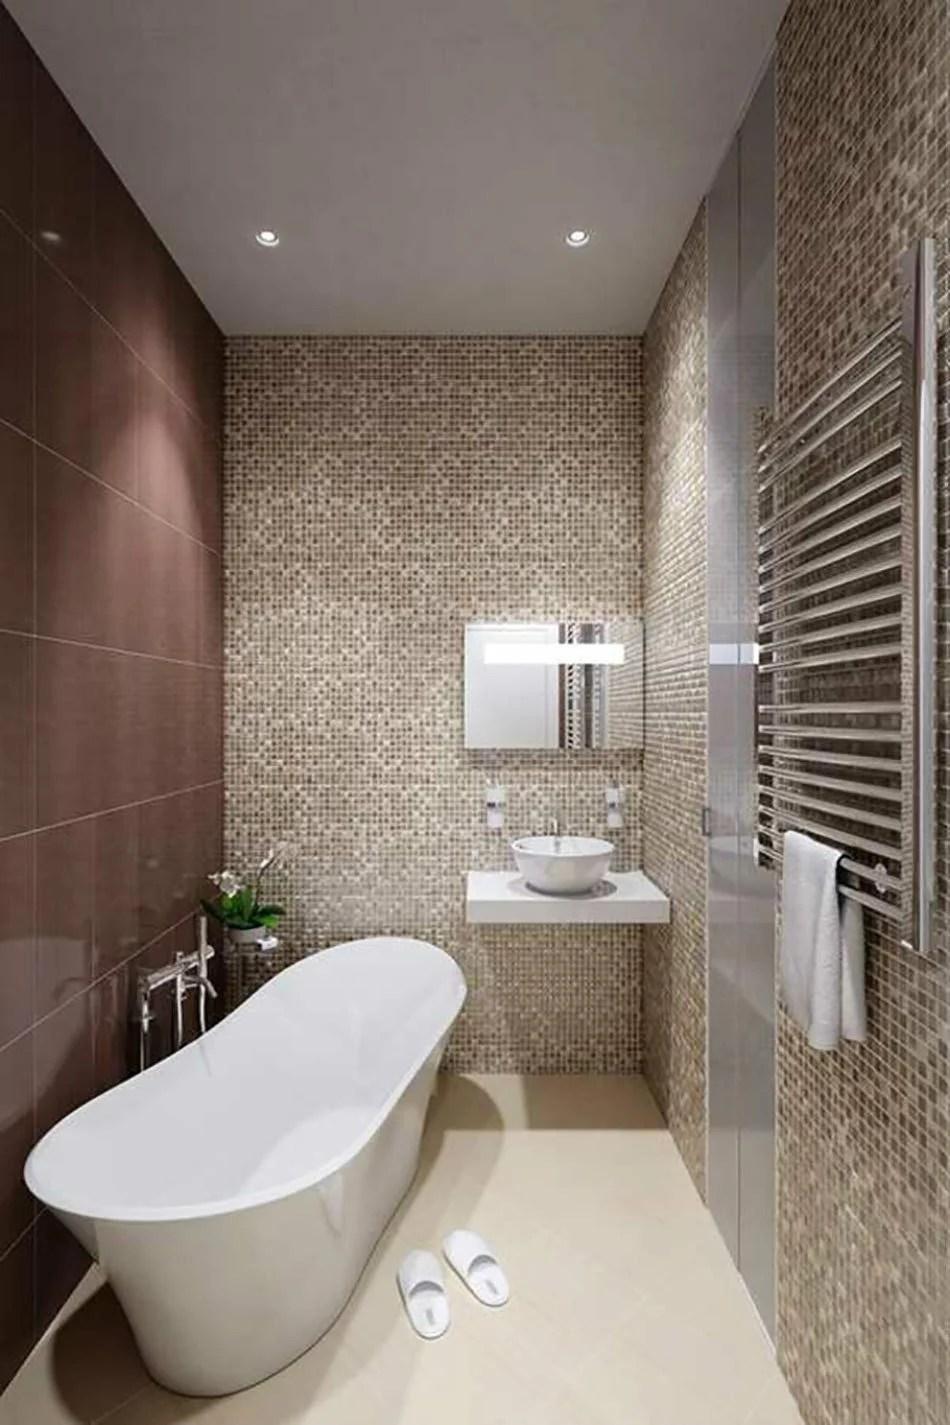 Comment amnager une petite salle de bain   Relooker meubles